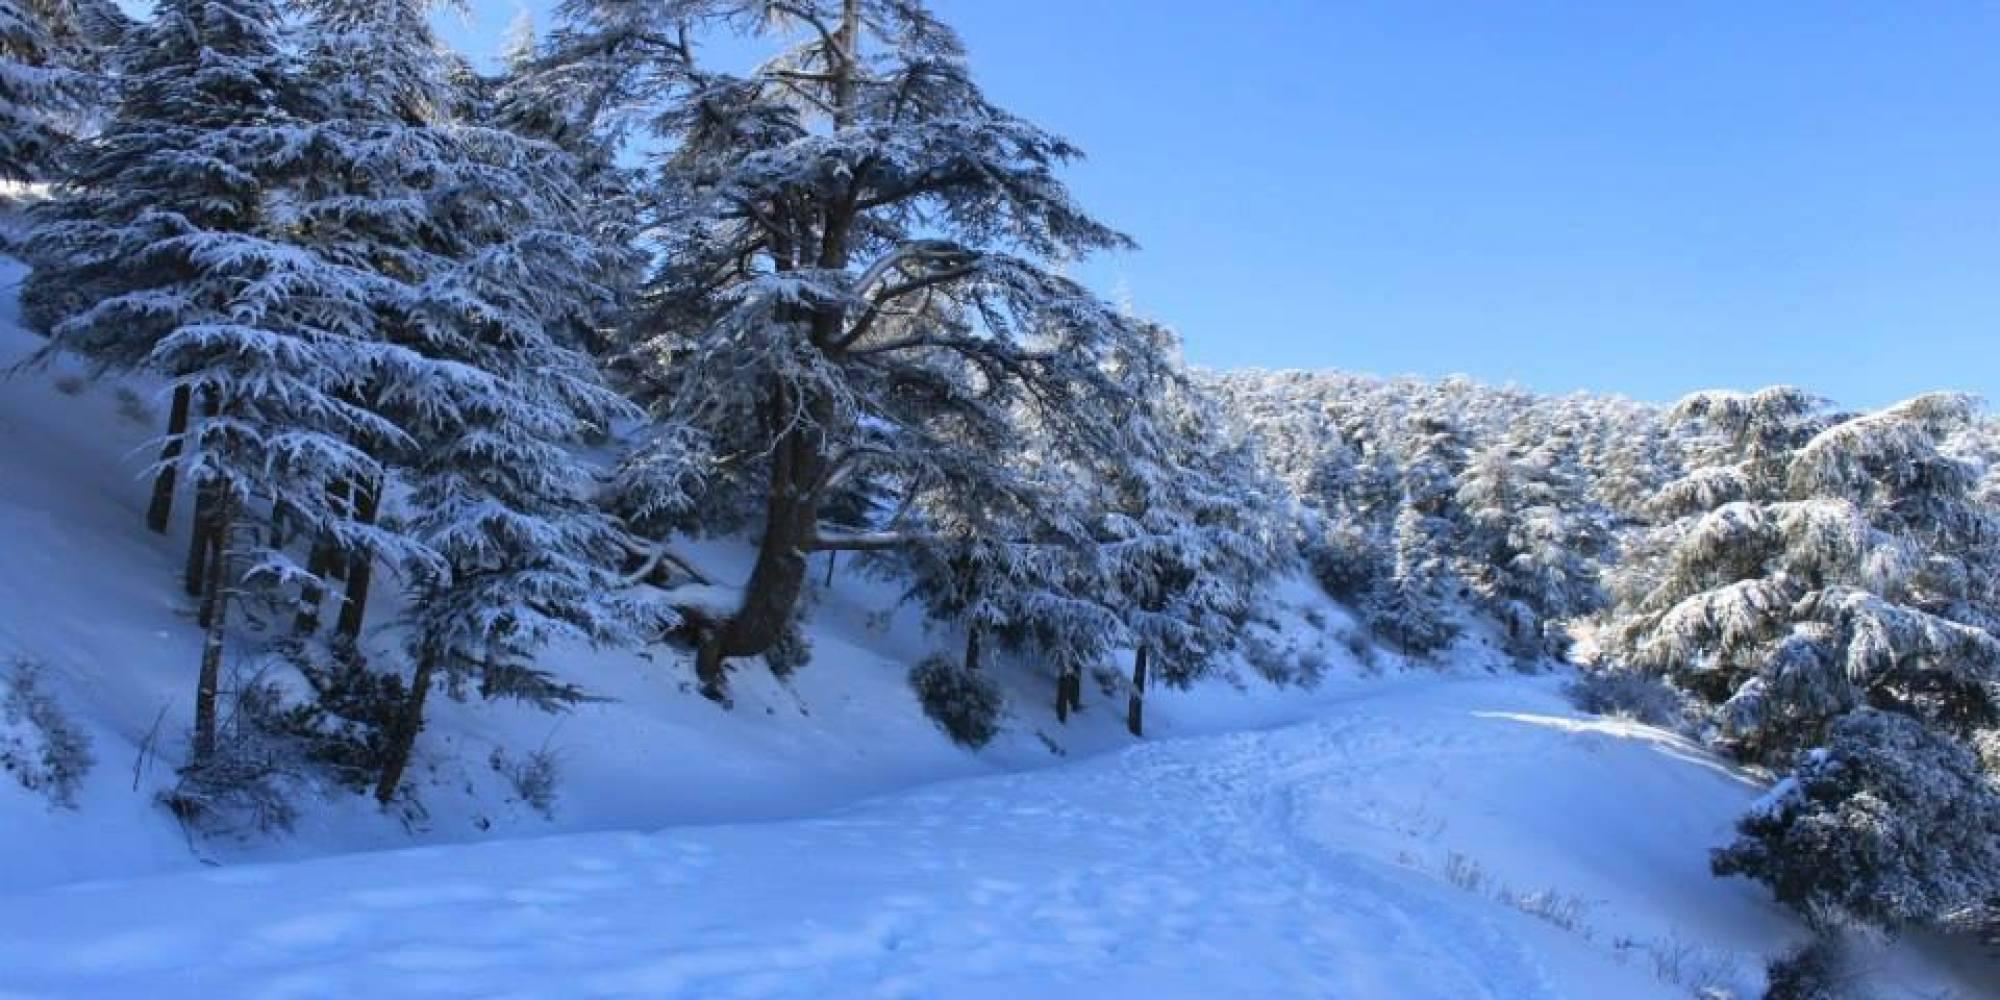 Le nord et l 39 est de l 39 alg rie sous la neige photos videos - La ren des neige ...